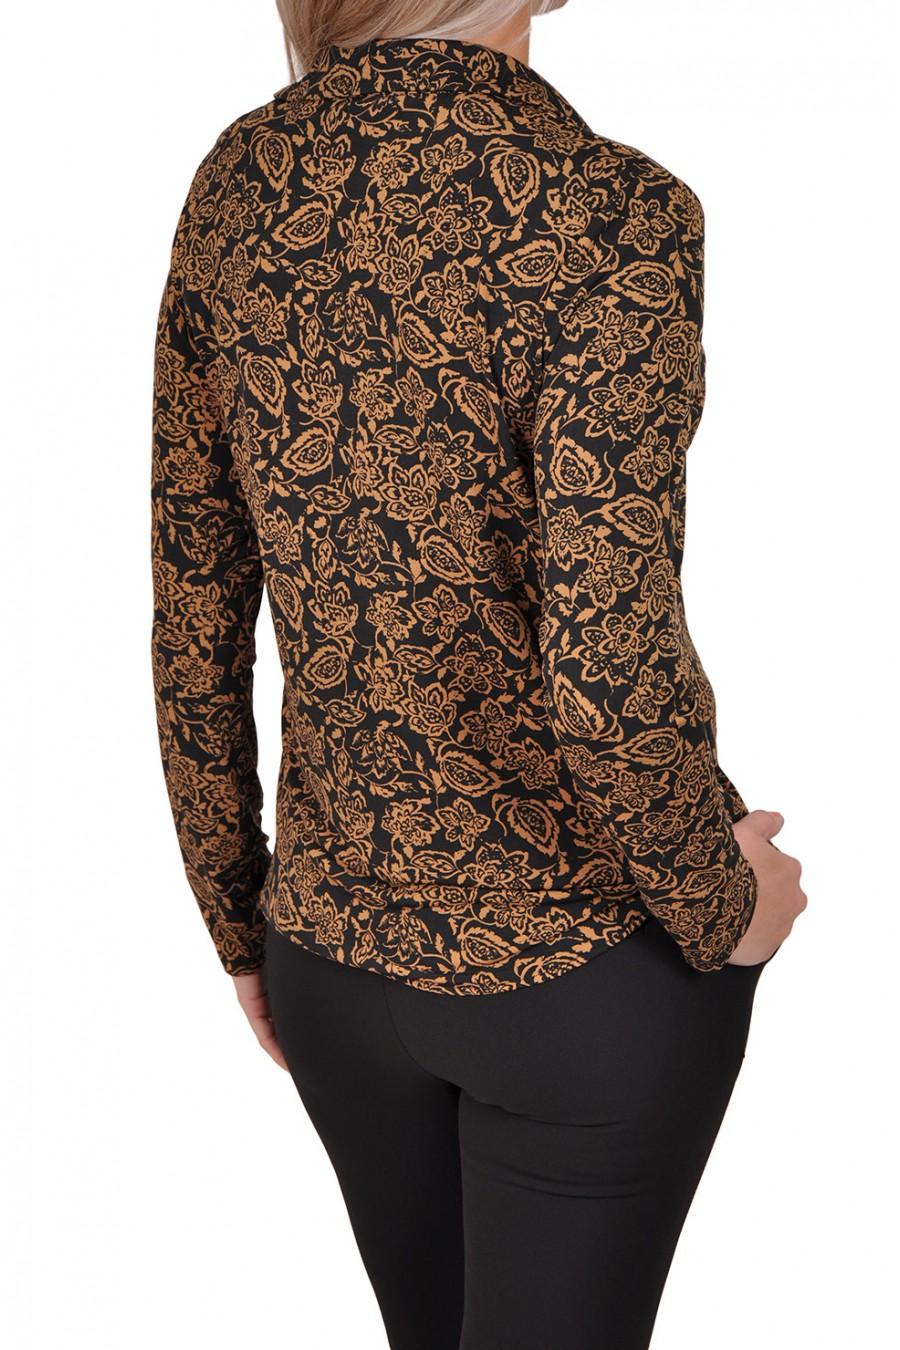 Vera Jo stretch blouse Suze zwart-camel Vera Jo